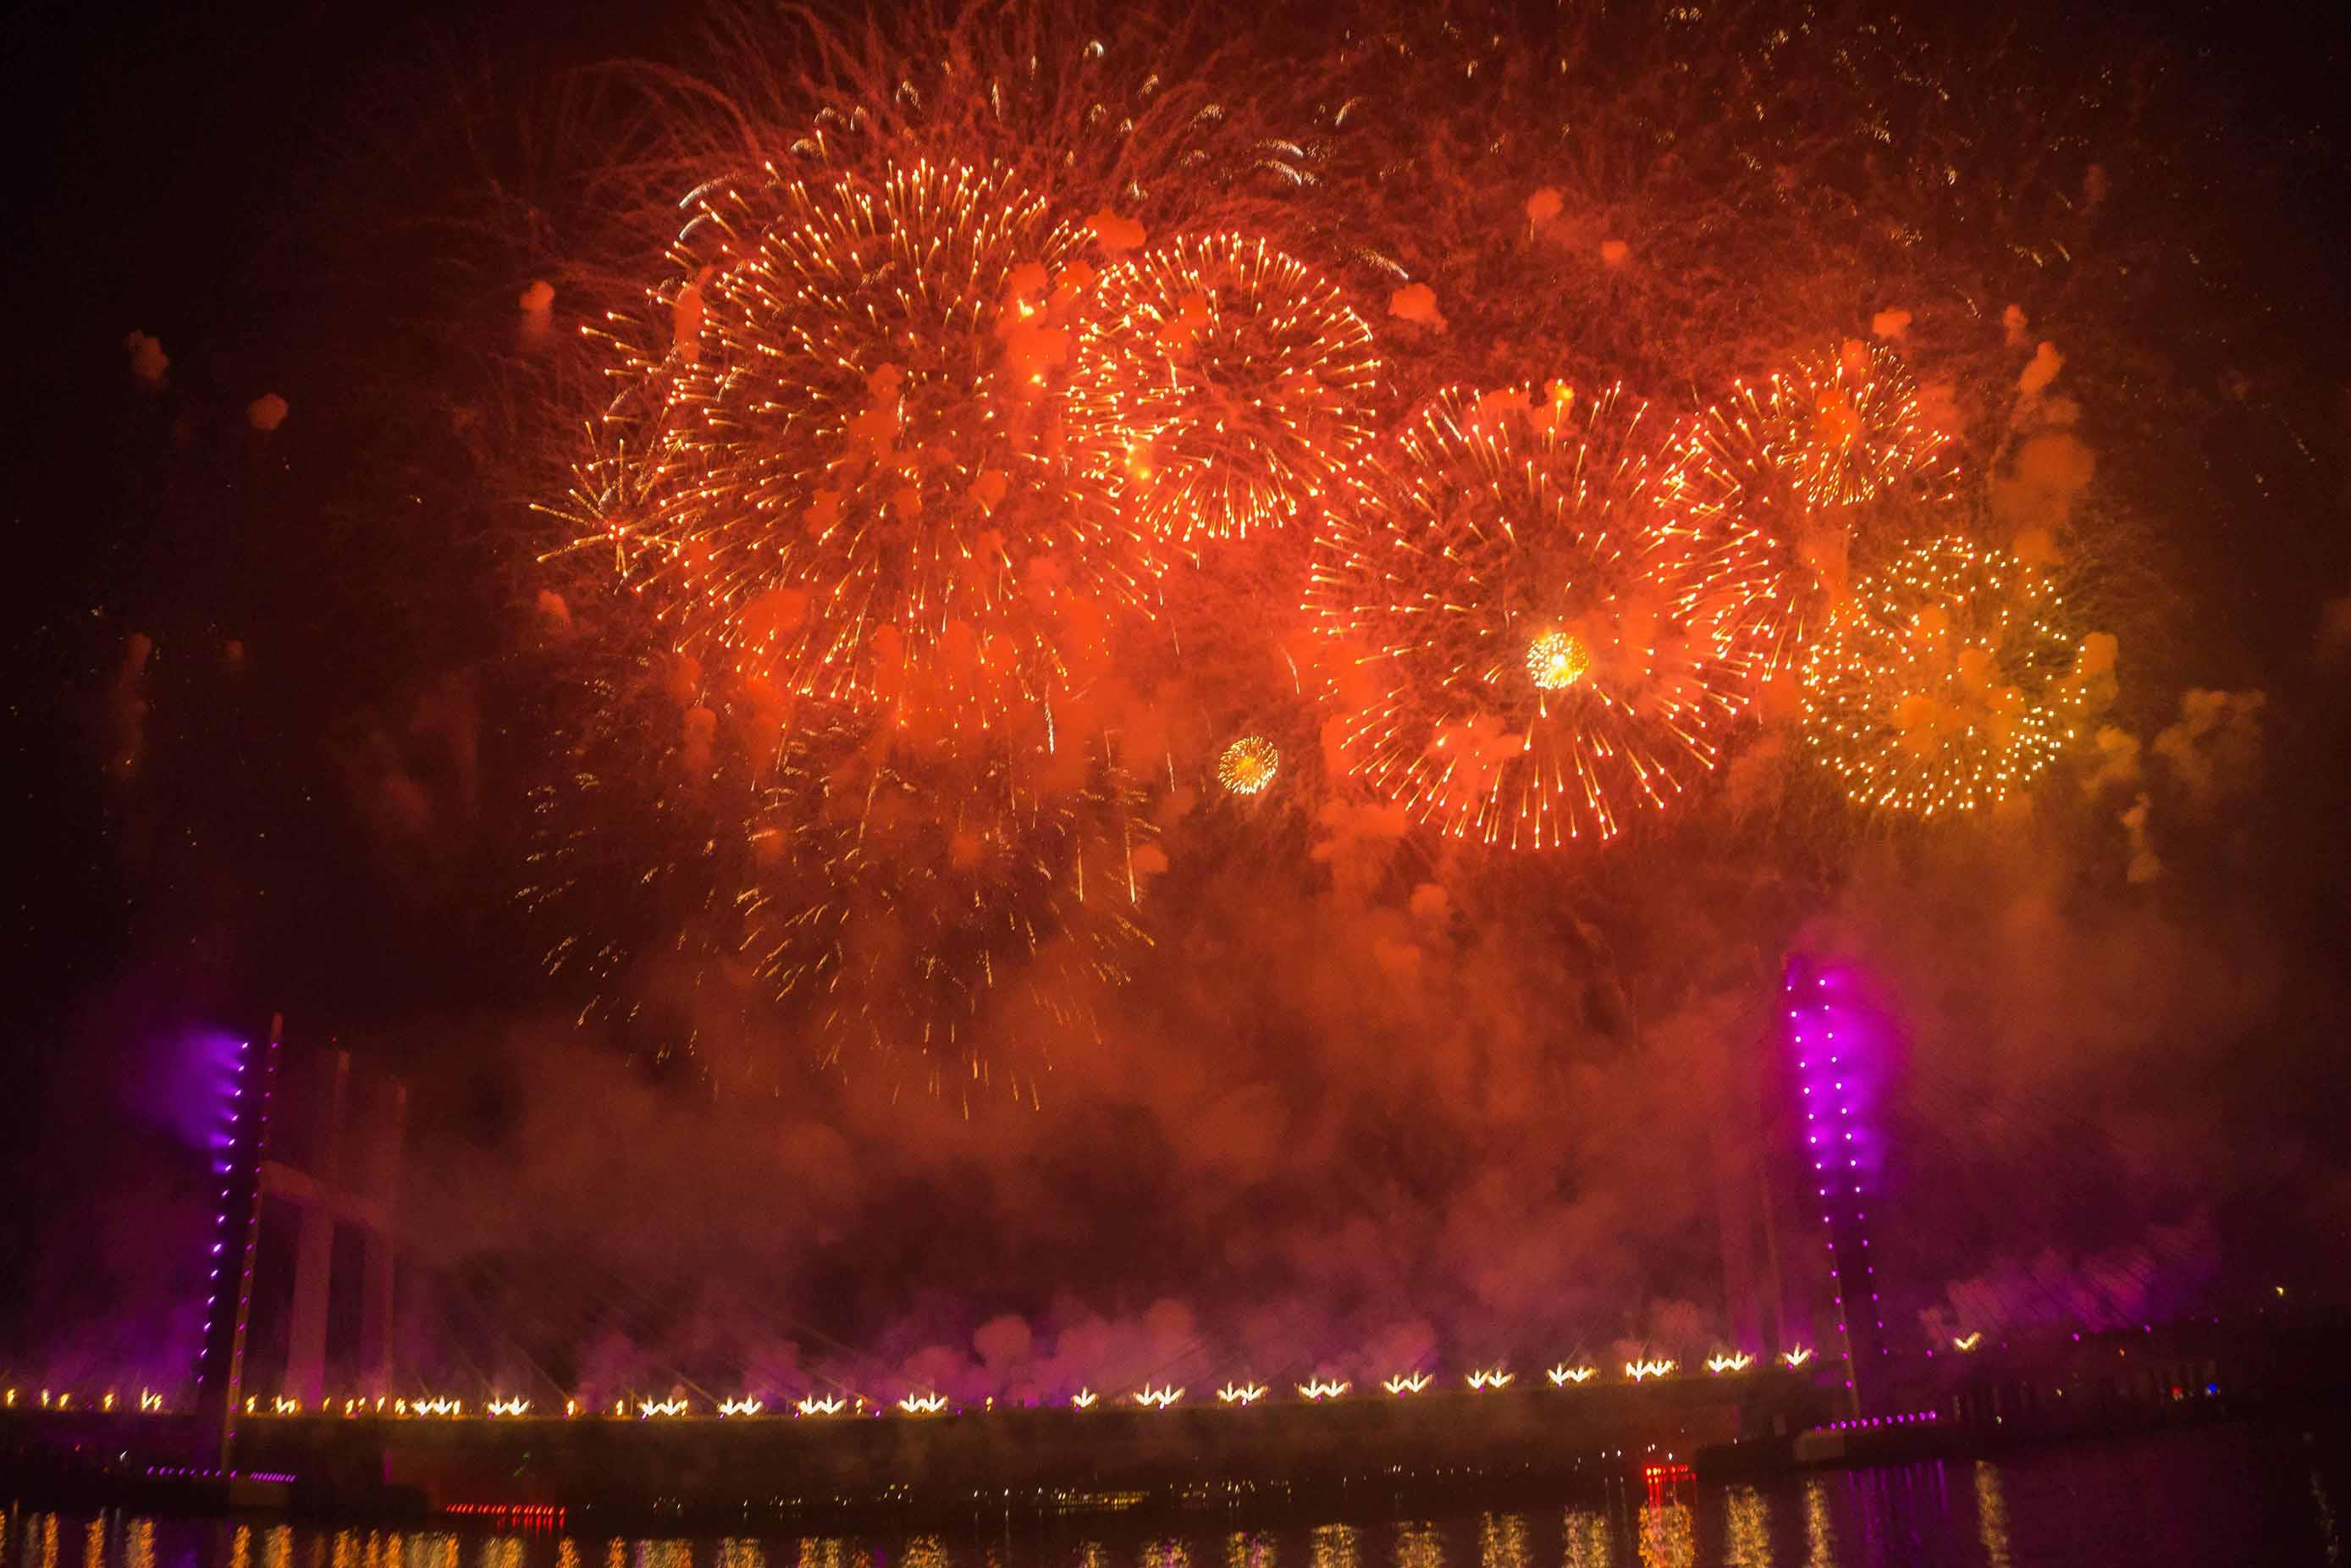 شاهد إحتفالات المصريين بأعياج رأس السنة الميلادية